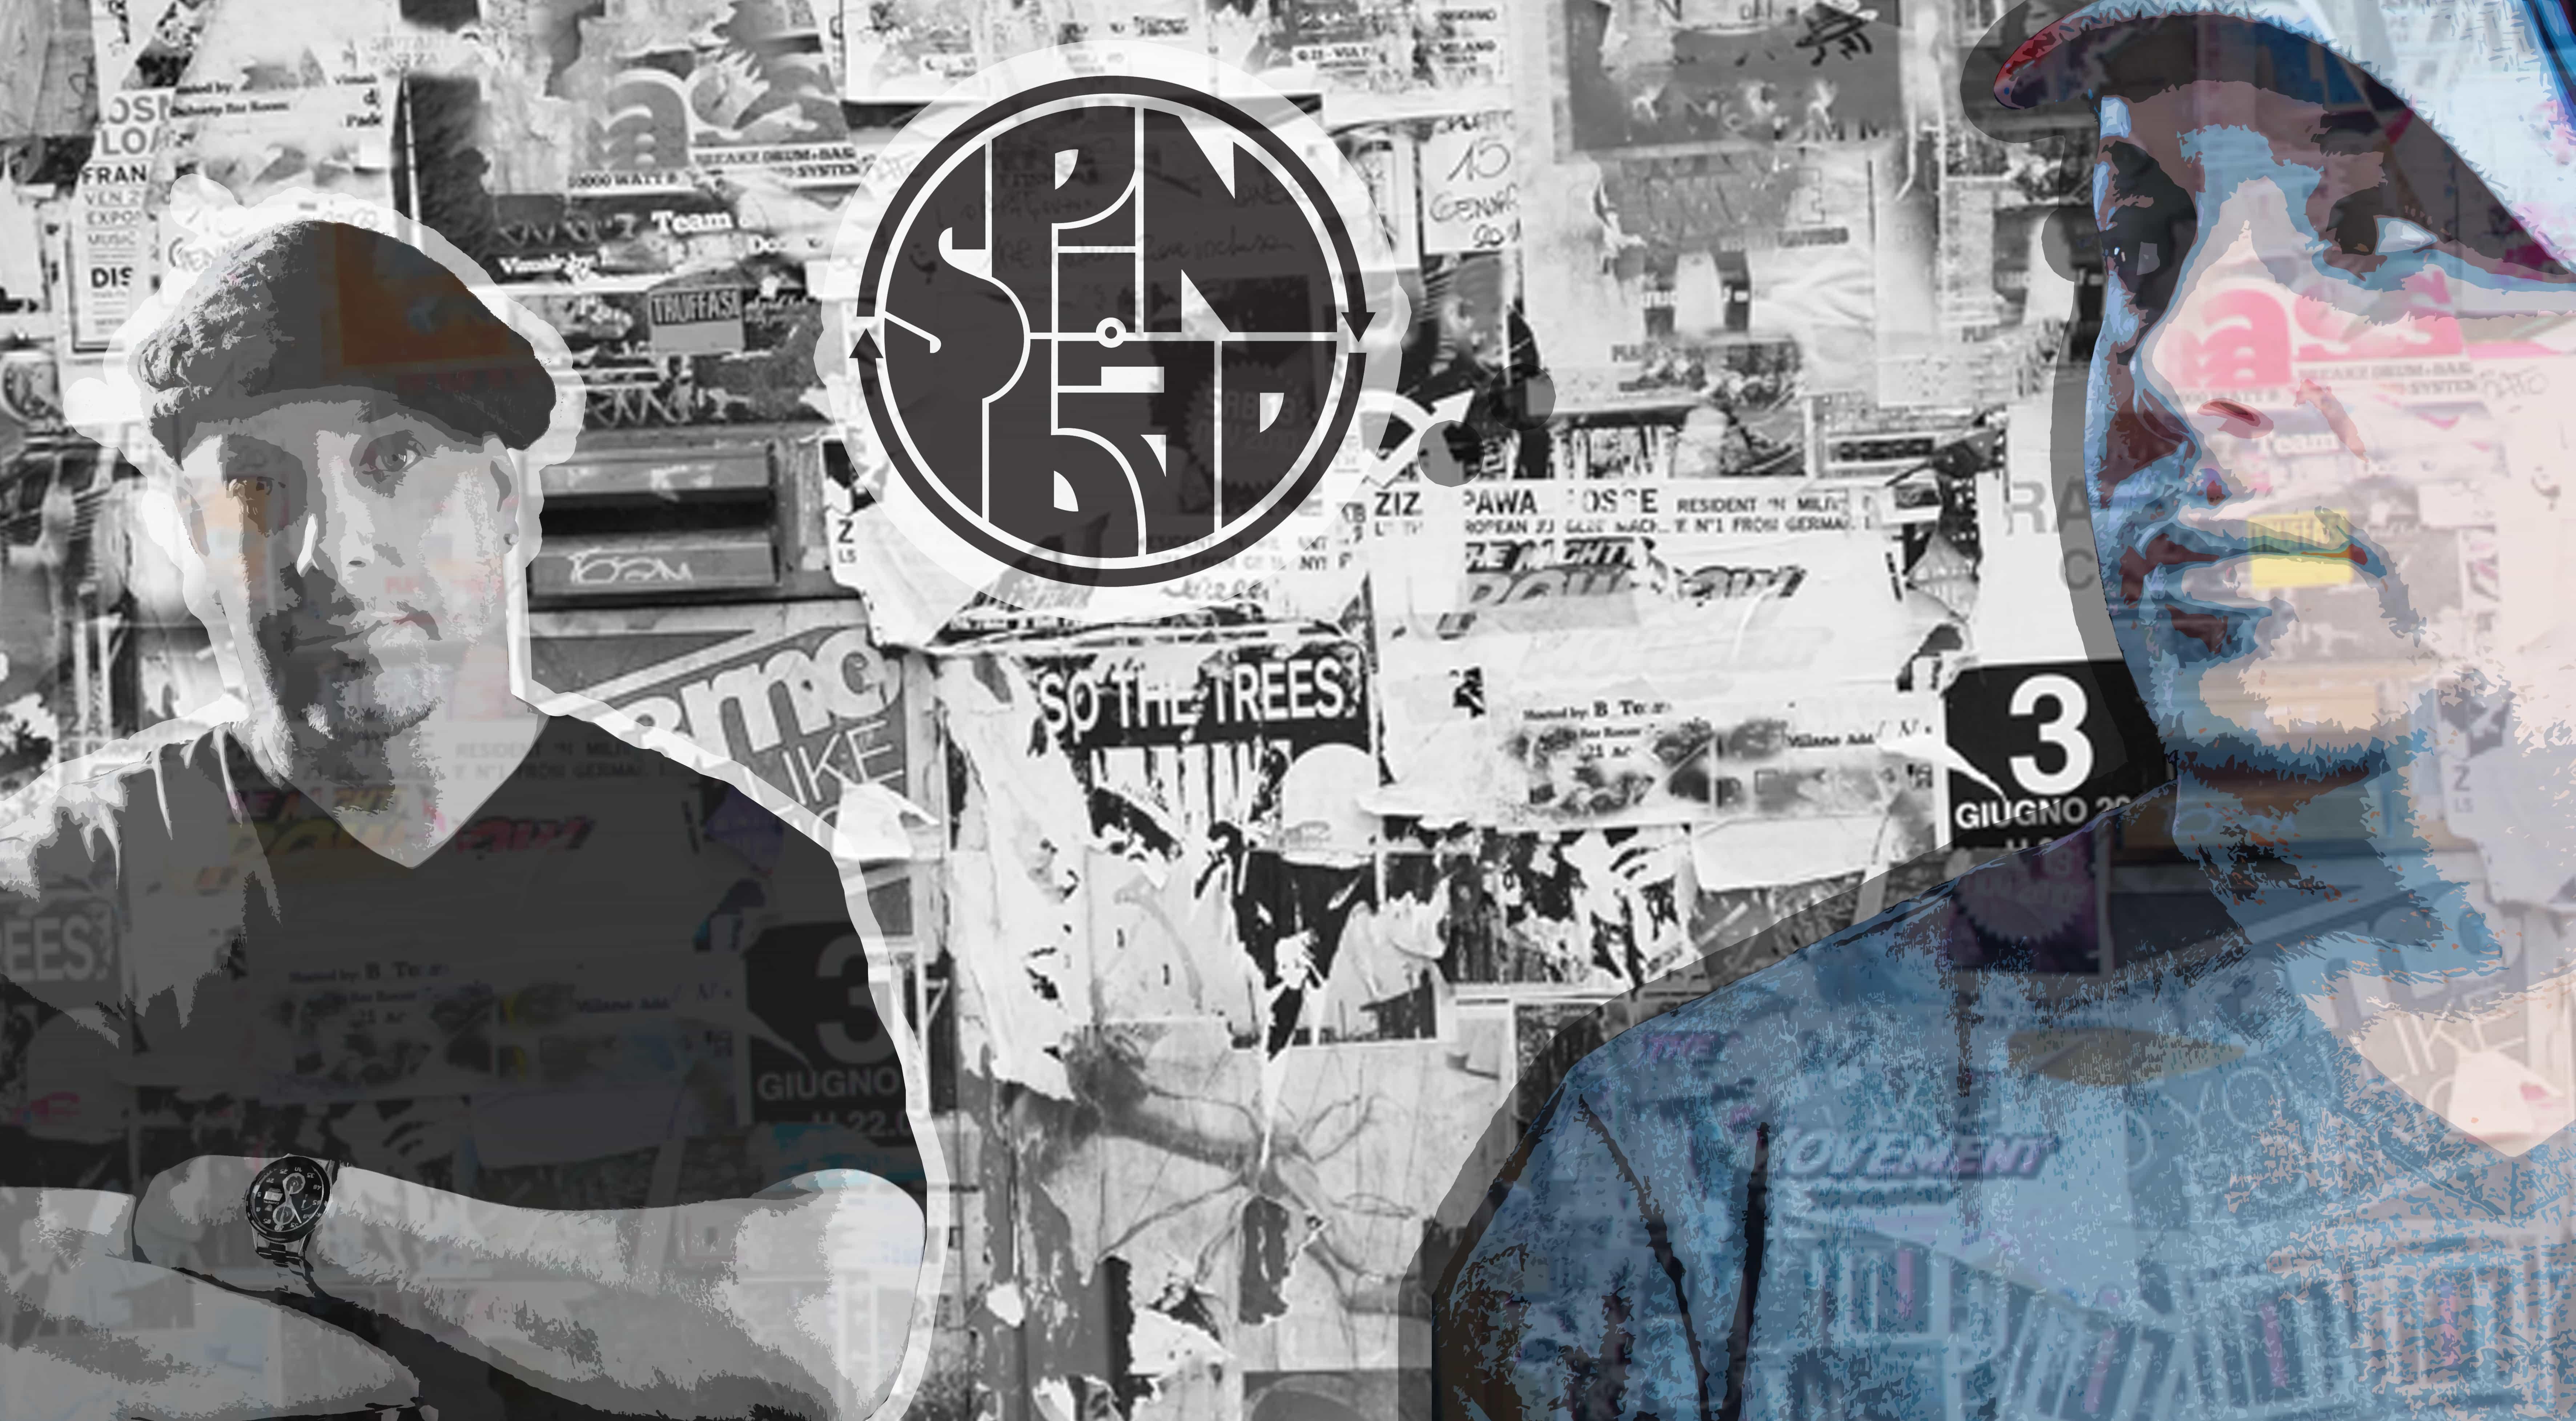 DJ SPINBAD – THE VERSATILITY MACHINE